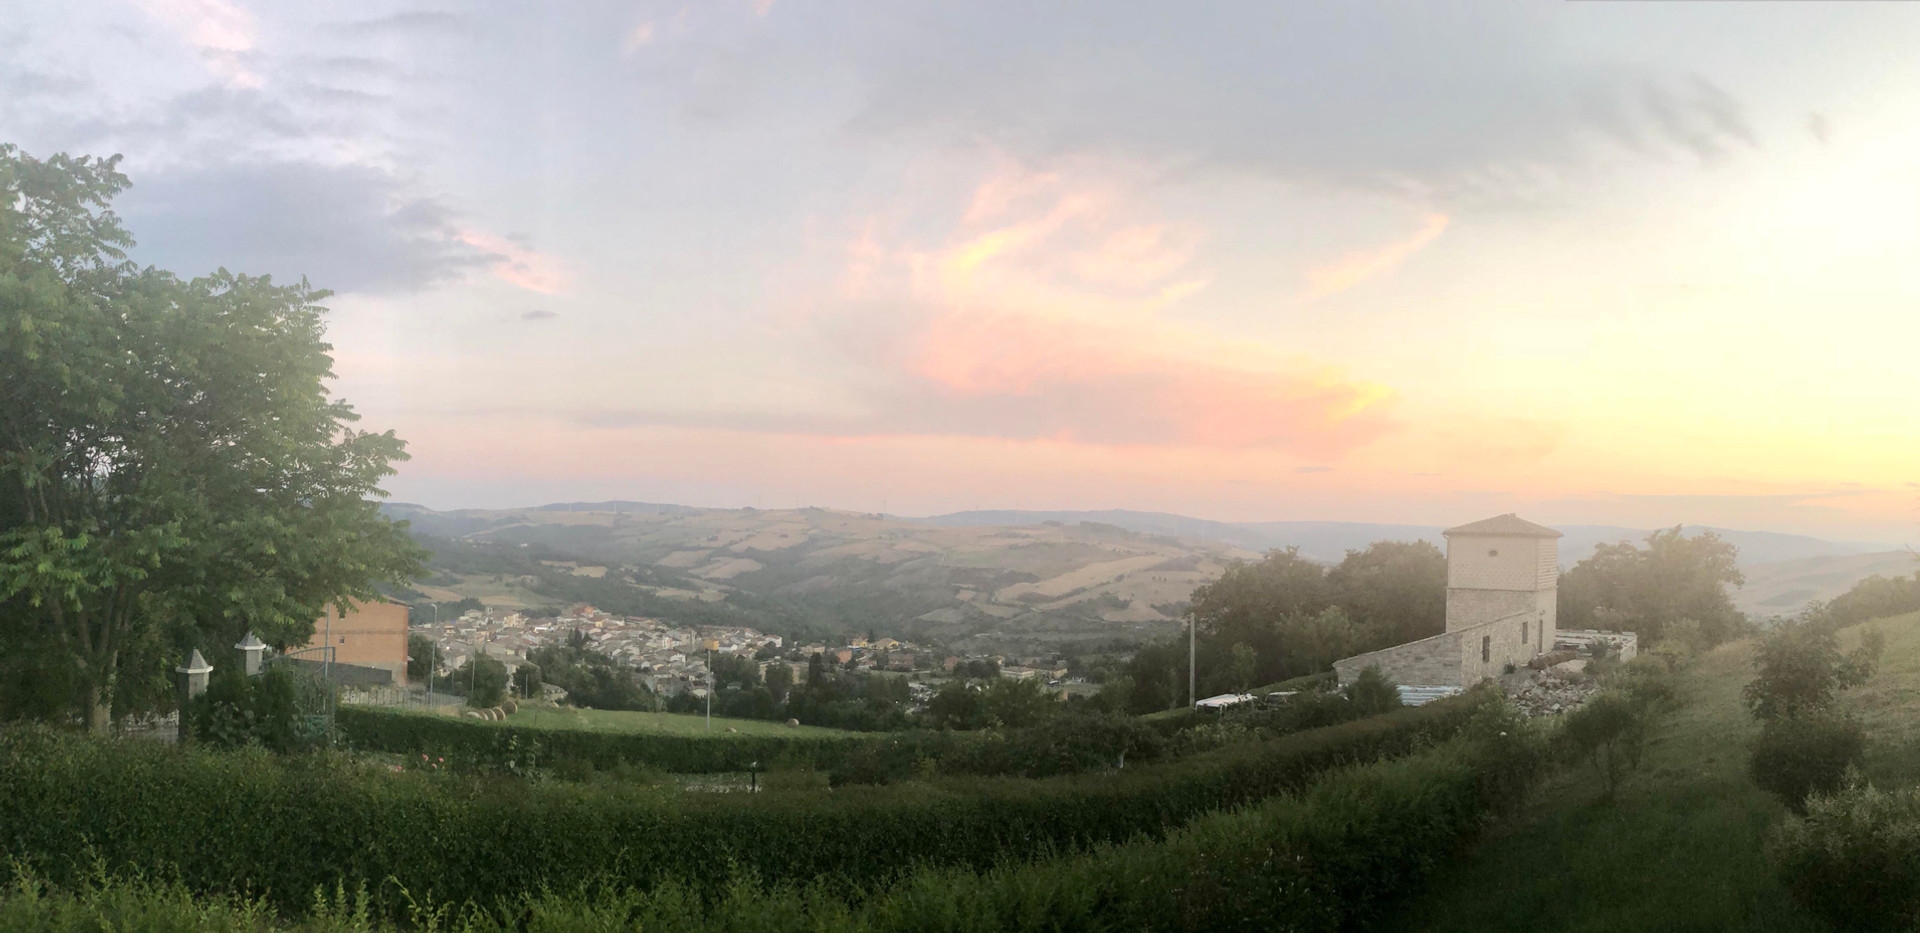 Roseto-Valfortore-Italy-Sunset.jpg